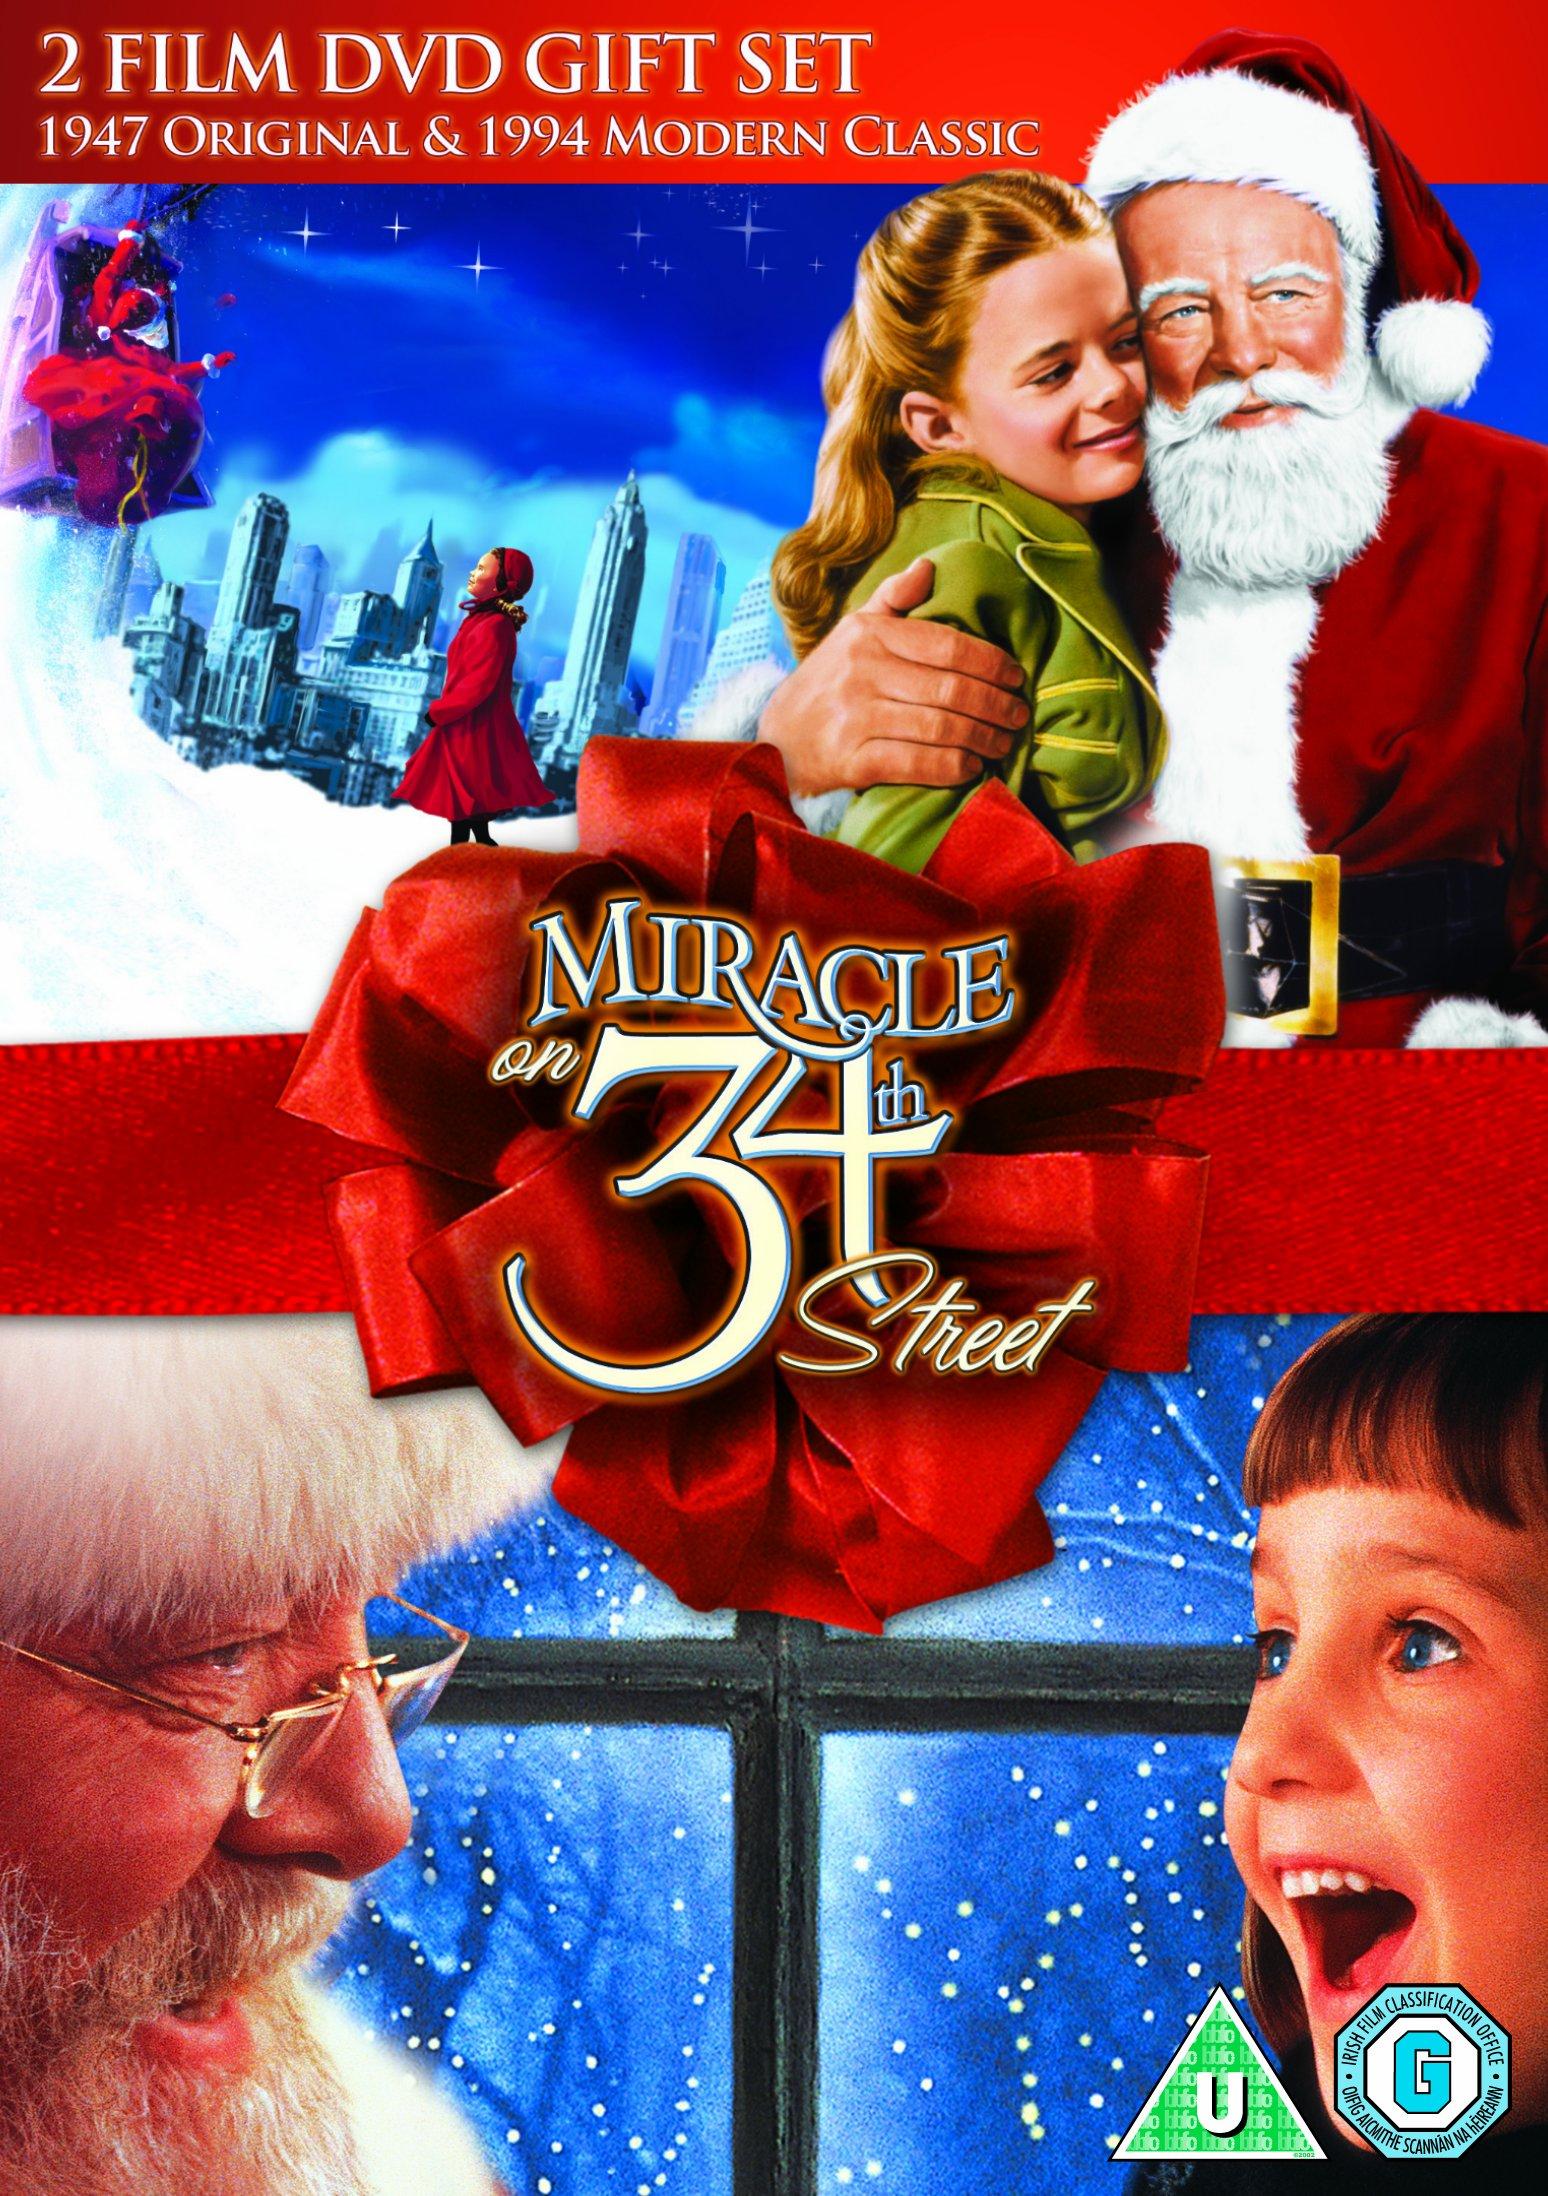 Miracle On 34Th Street (1947)/Miracle On 34Th Street (1994) [Edizione: Regno Unito]